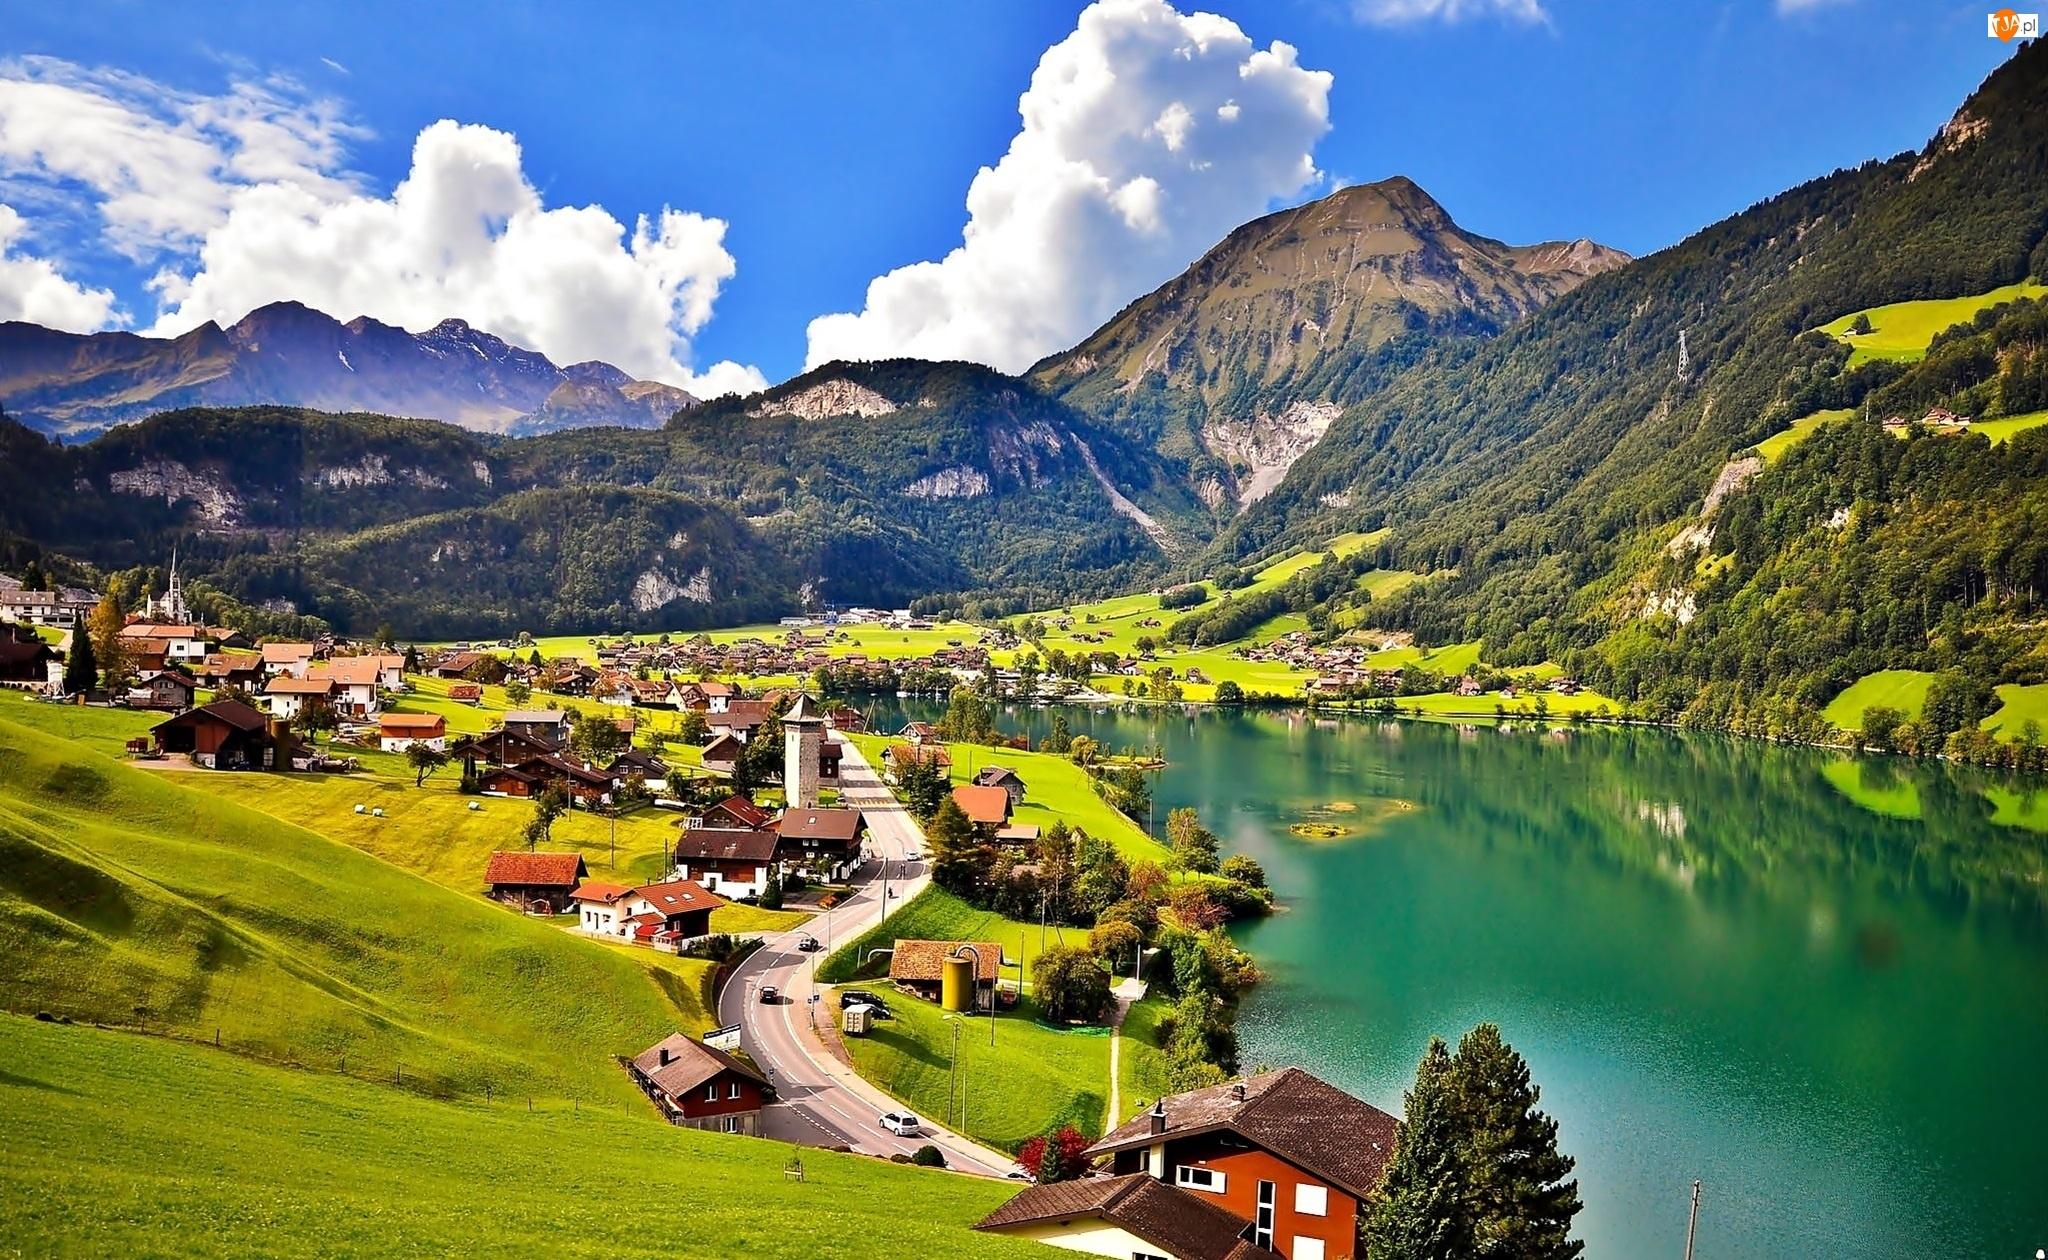 Wioska, Góry, Jezioro, Alpy, Dolina